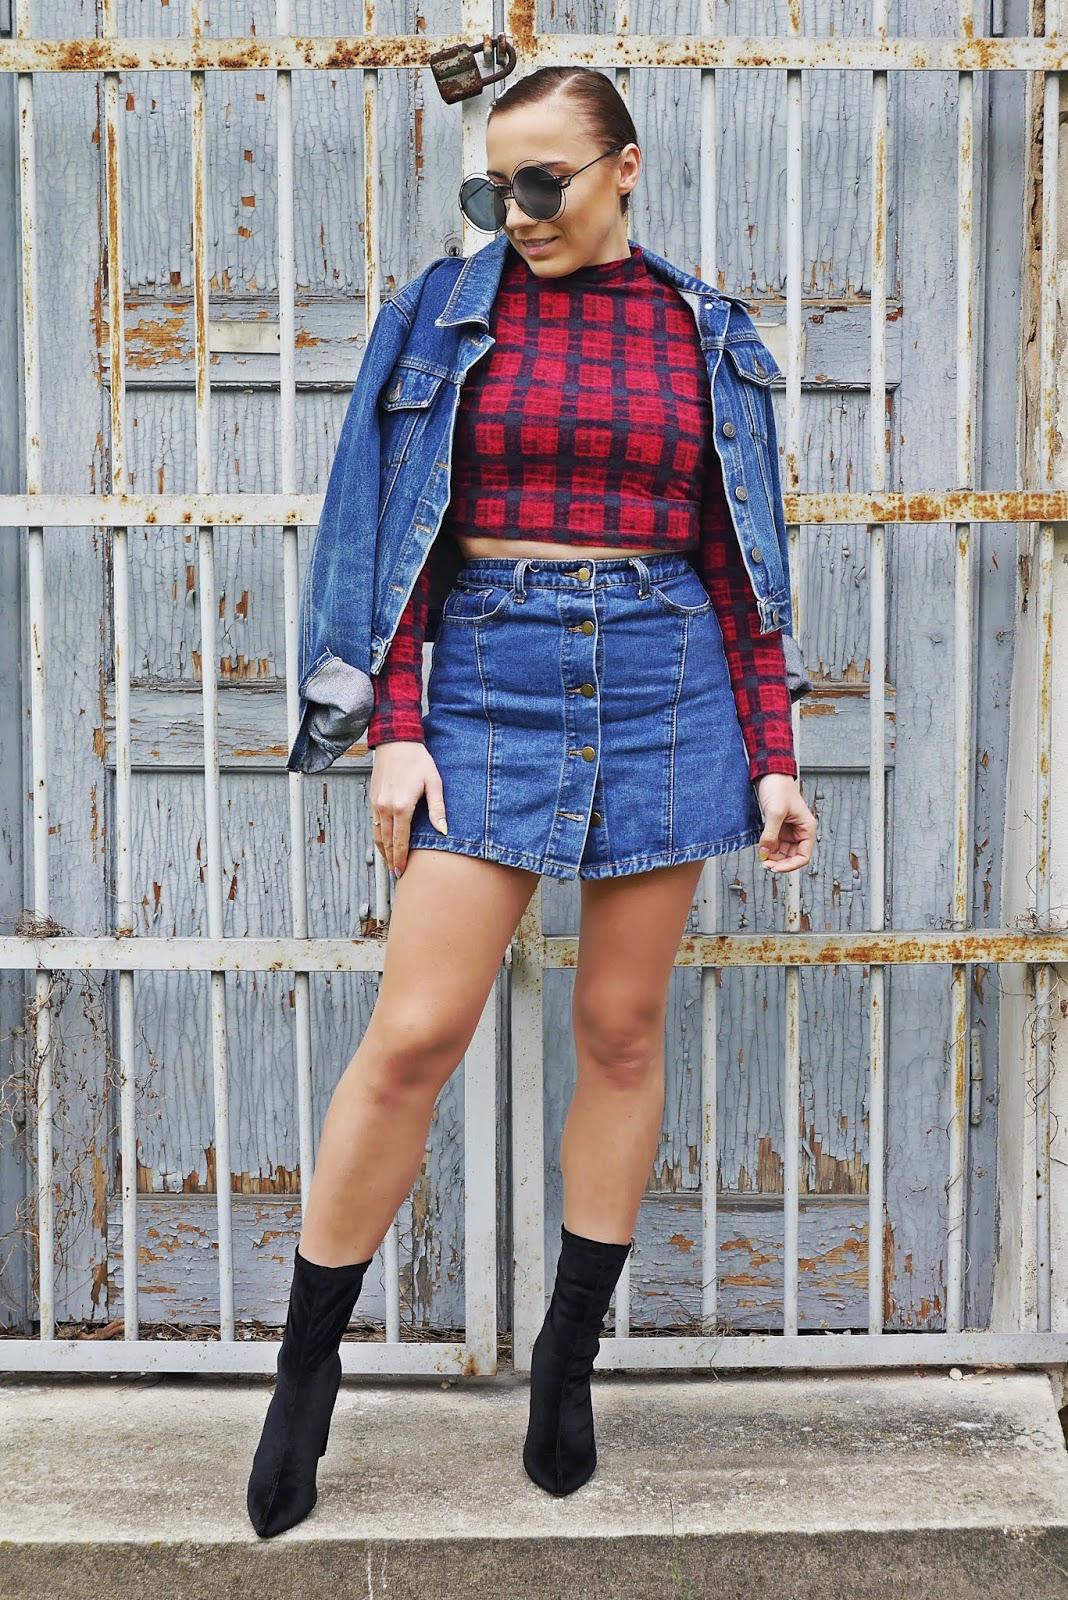 Spinki z perełkami spódnica jeansowa crop top krata skarpetkowe botki renee karyn blog modowy